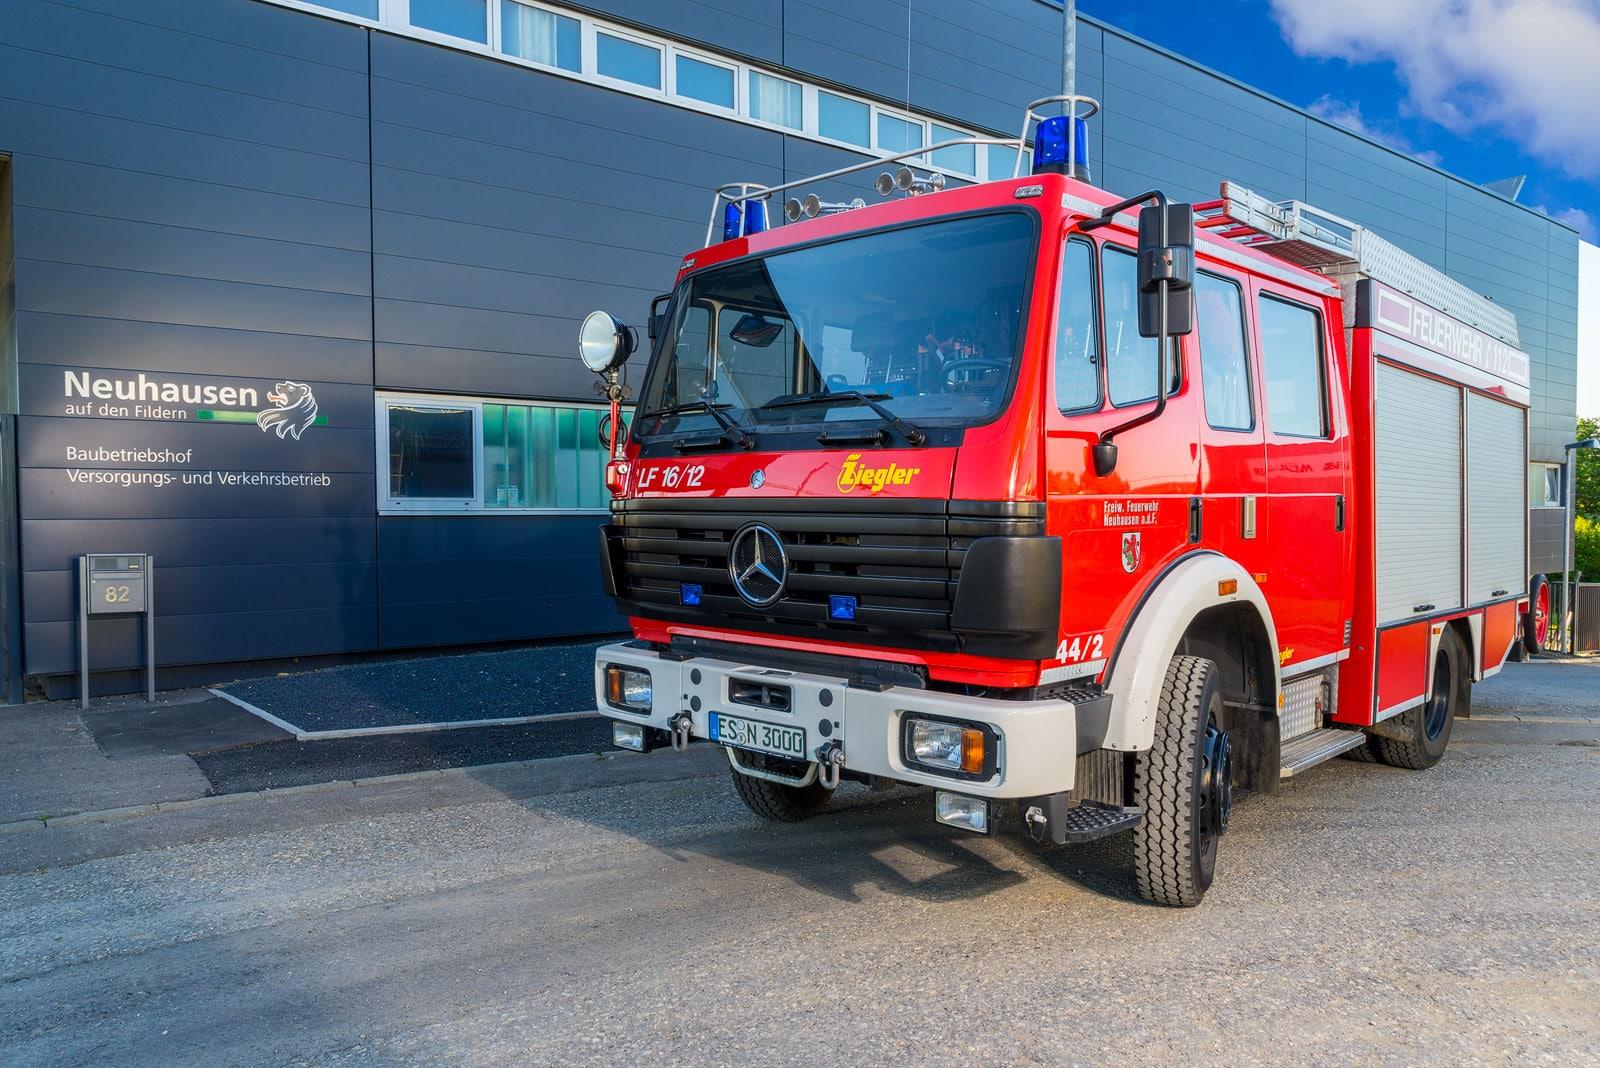 20150630_Feuerwehr-Fahrzeug-Shooting_0067-Bearbeitet